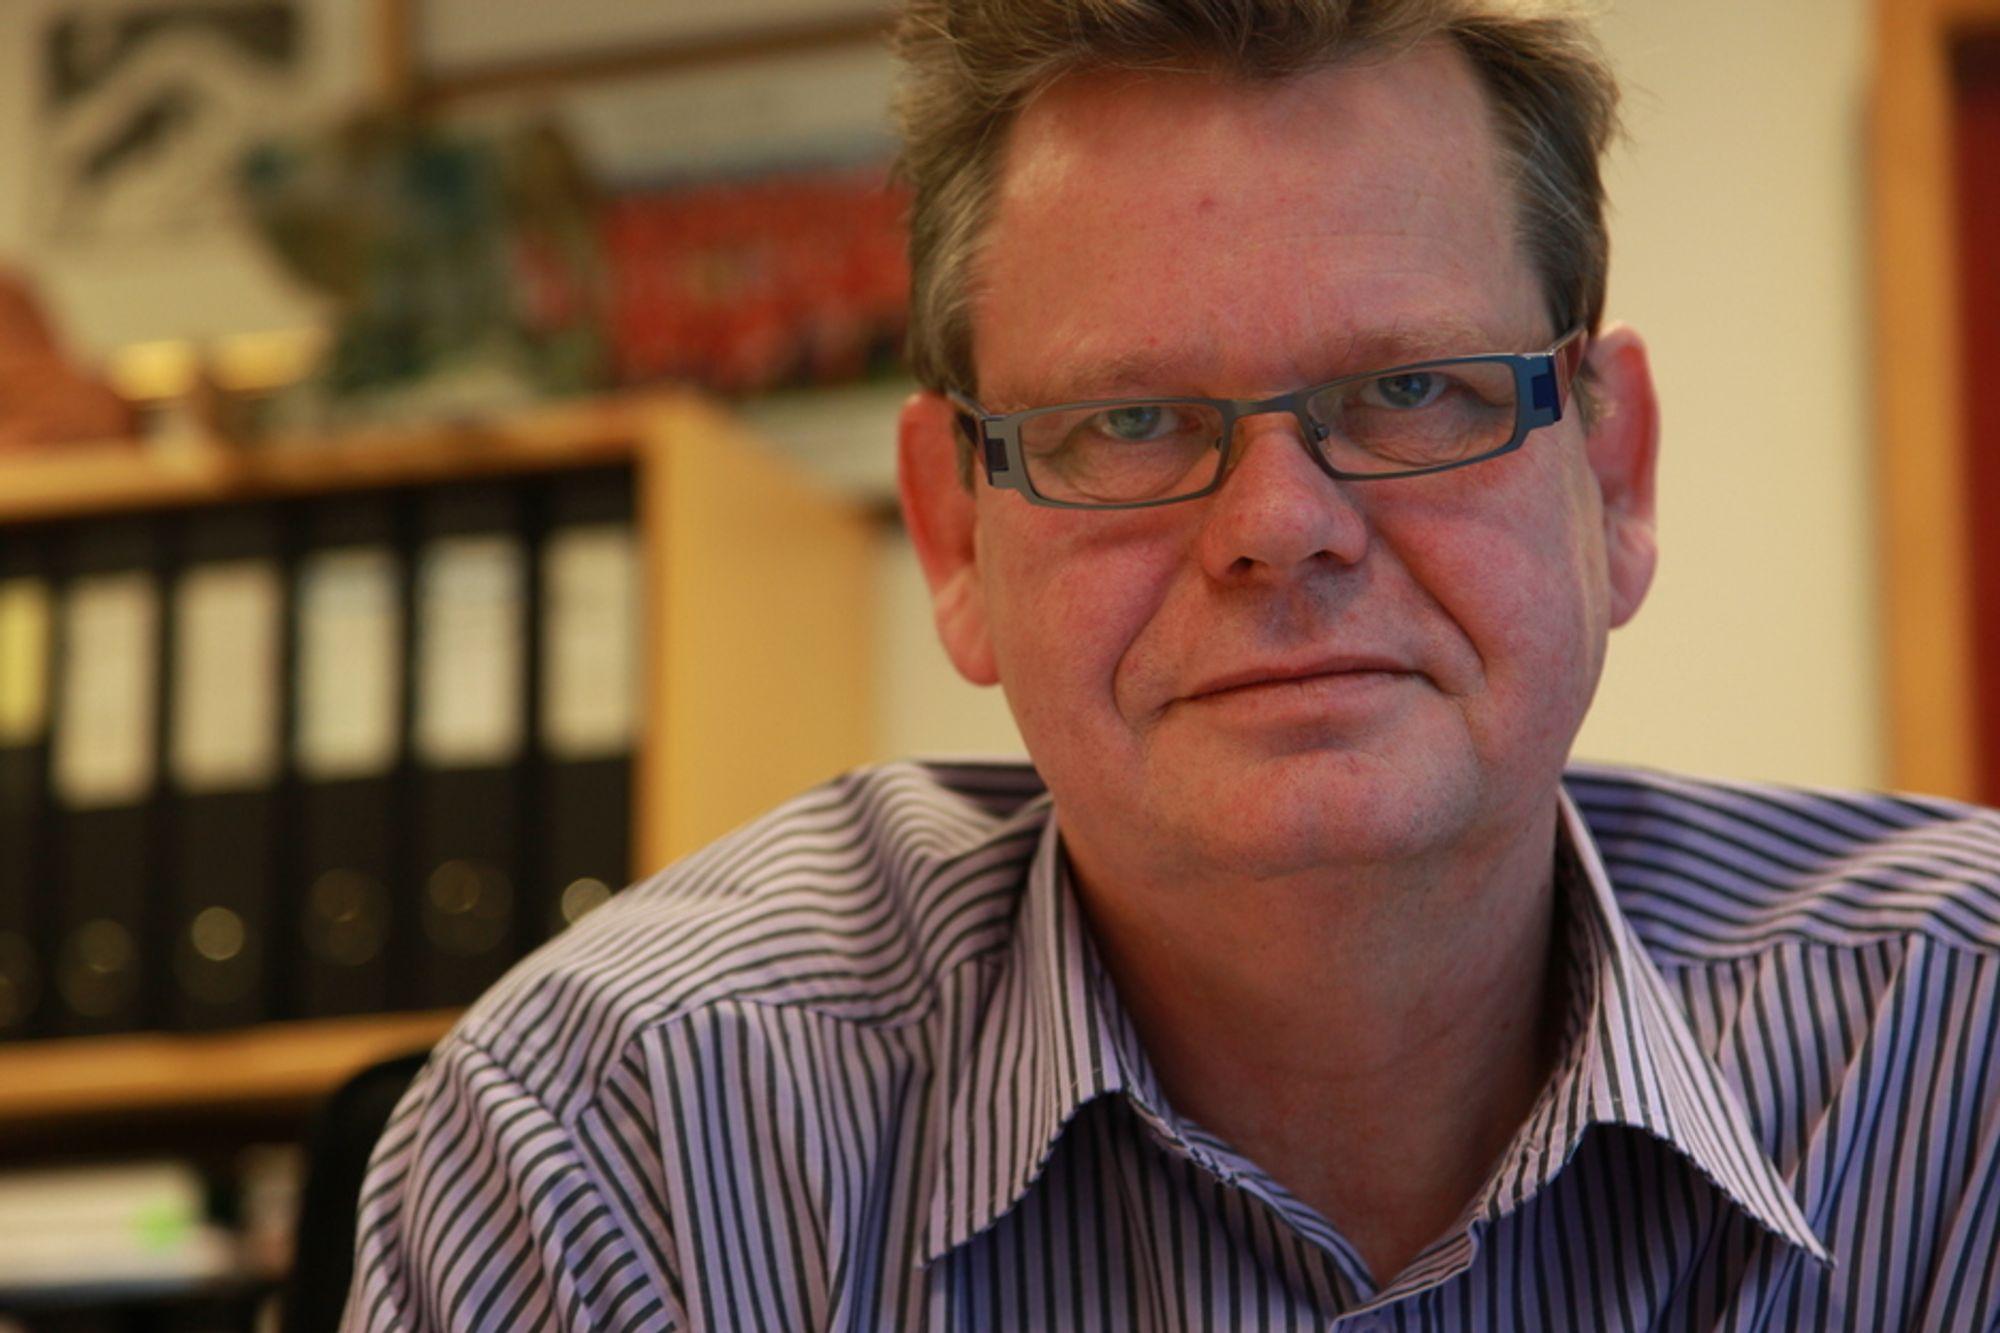 LEKRE OG FAGRE: - Samtidig som de kjører rettsaker mot oss, kommer de og gjør seg lekre og fagre i forbindelse med nye utbygginger, sier ordfører i Kvinesdal kommune, Odd Omland.